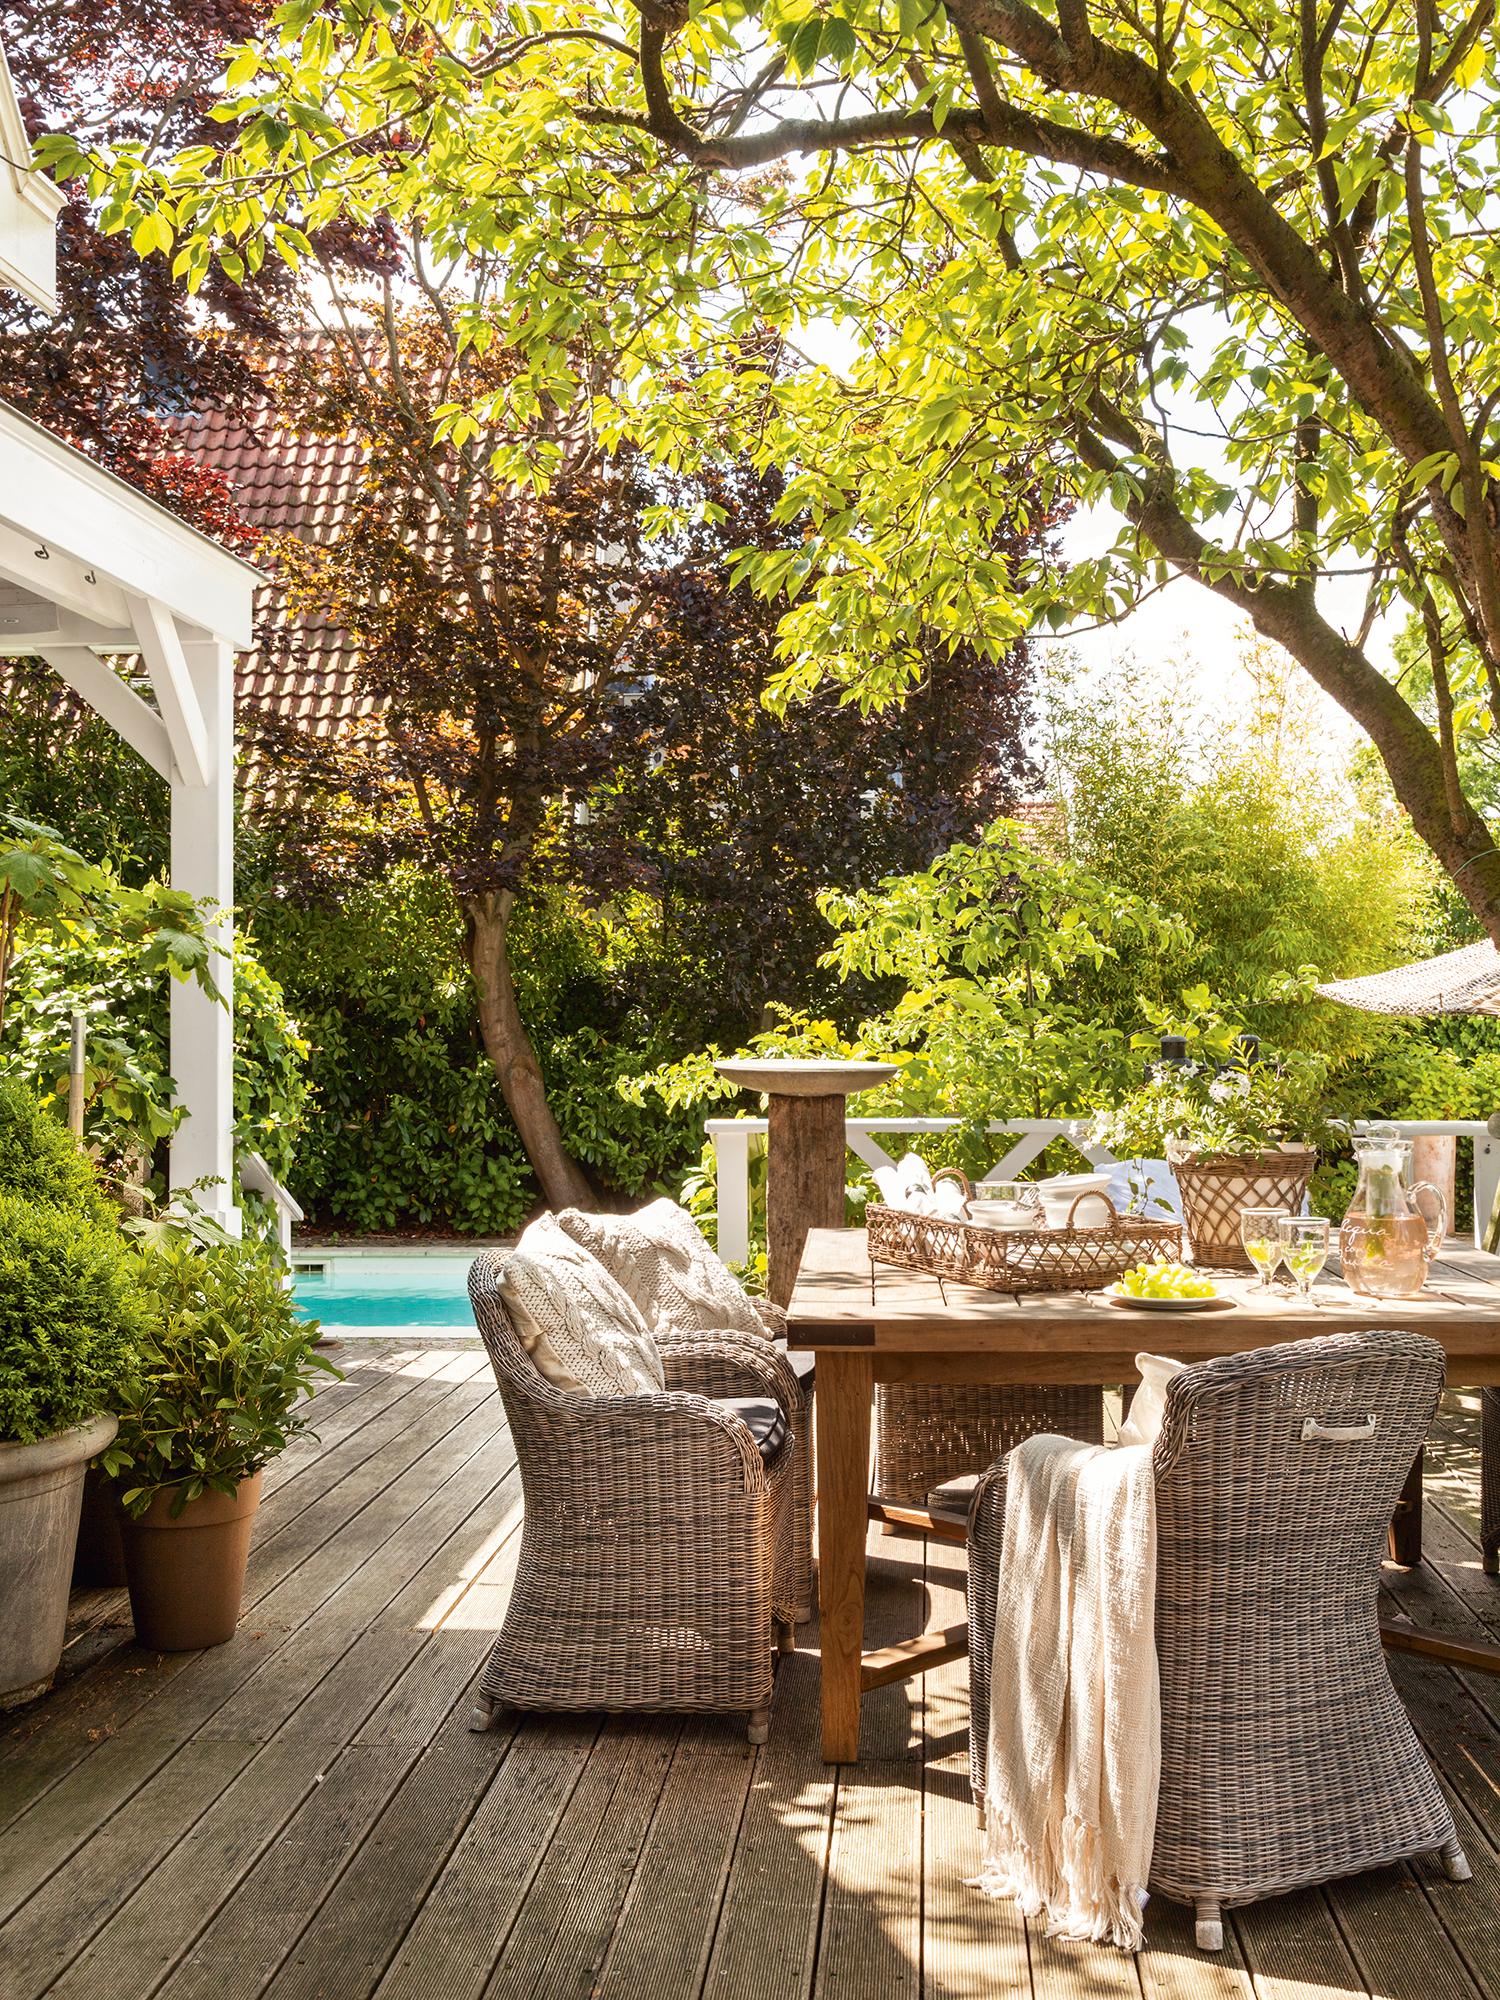 Comedores de exterior los 50 mejores de el mueble for Casas decoradas con plantas naturales